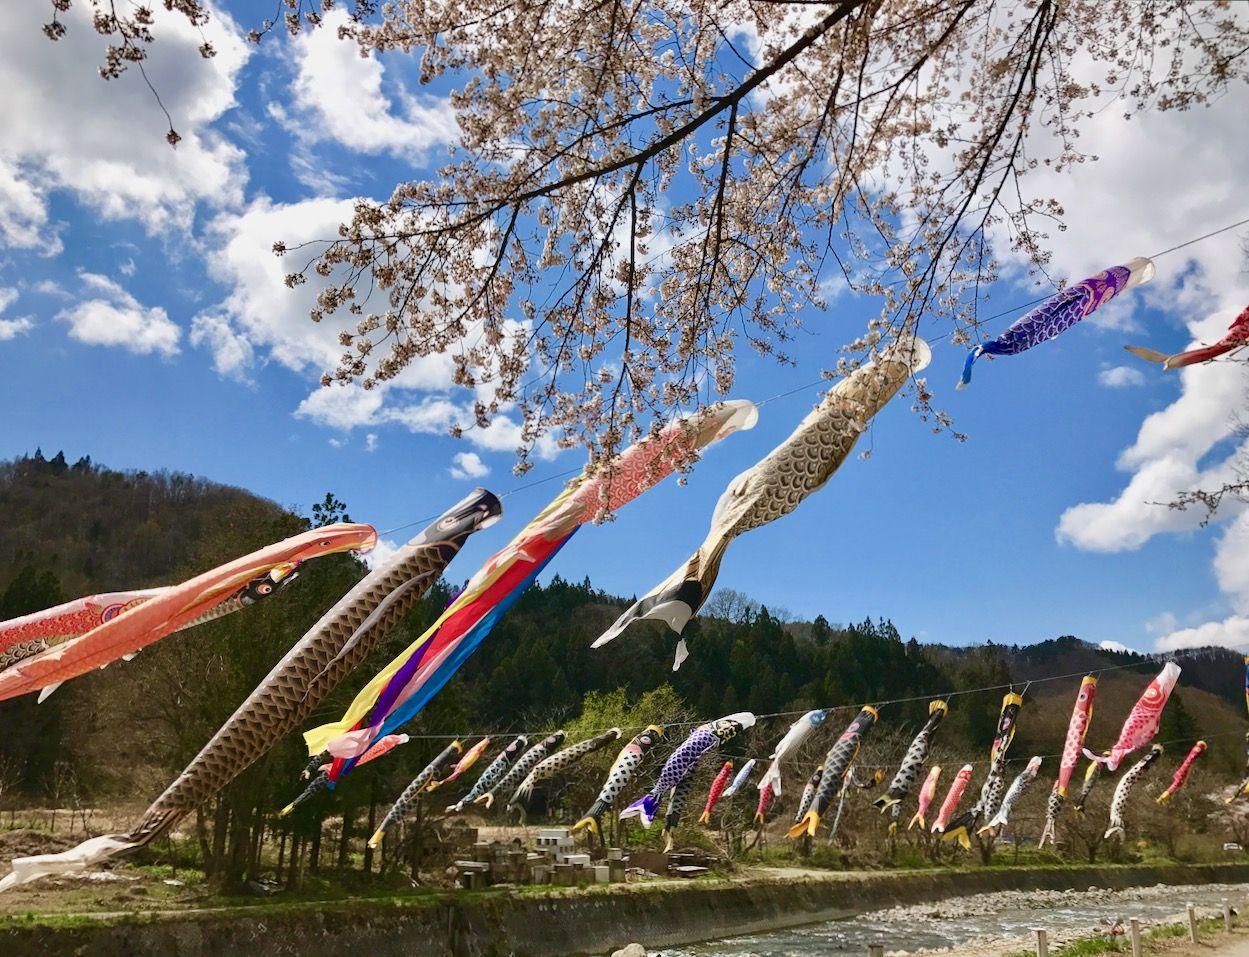 清流と桜・鯉のぼりと過ごす、の〜んびり春日和